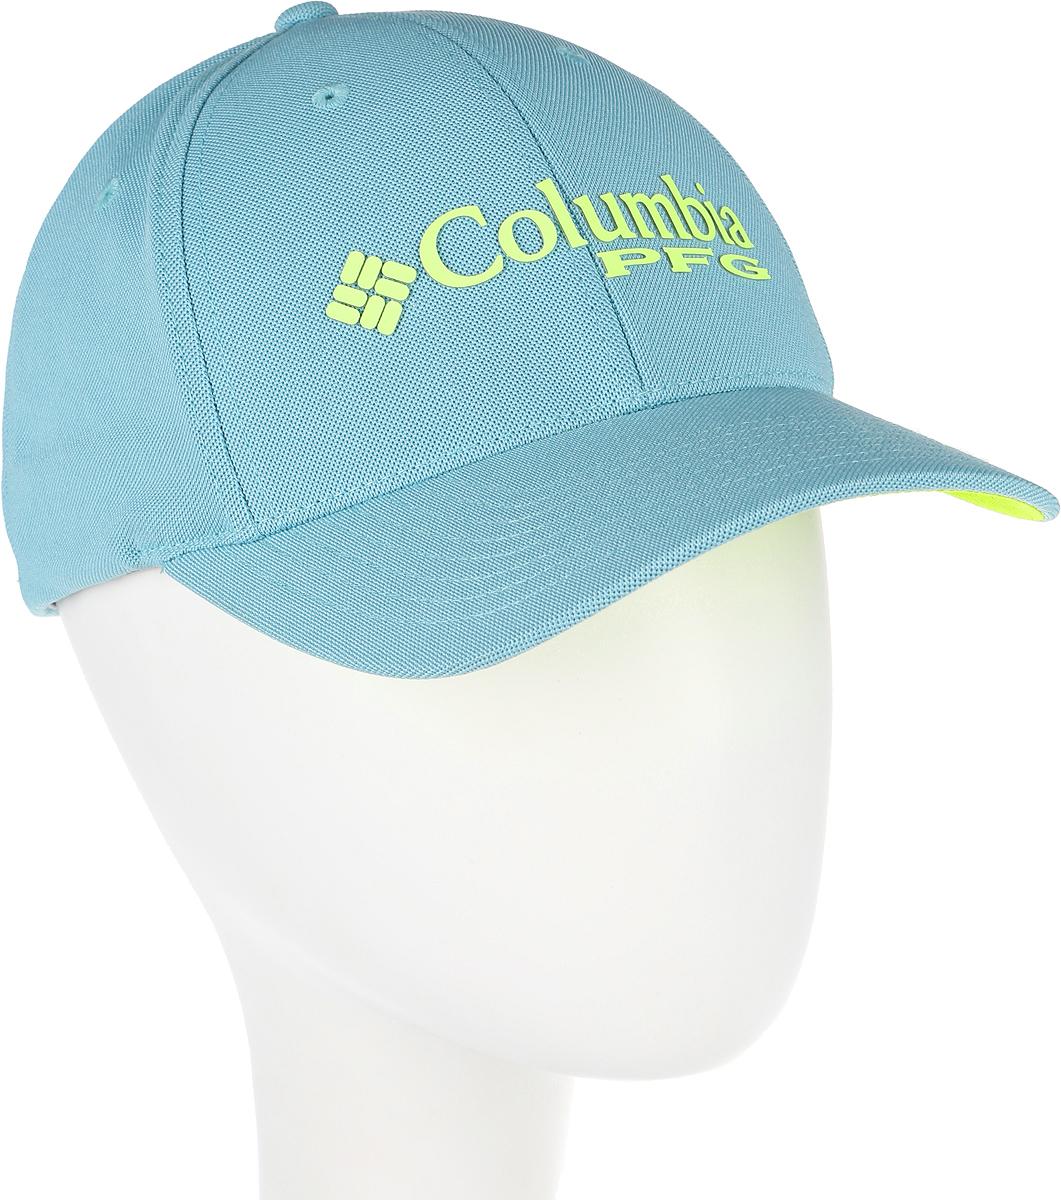 Бейсболка Columbia PFG Mesh Pique Ballcap, цвет: голубой. 1577481-909. Размер L/XL (58/59)1577481-909Стильная бейсболка Columbia, выполненная из высококачественных материалов, идеально подойдет для прогулок, занятия спортом и отдыха. Она надежно защитит вас от солнца и ветра. Изделие оформлено принтом с логотипом бренда.